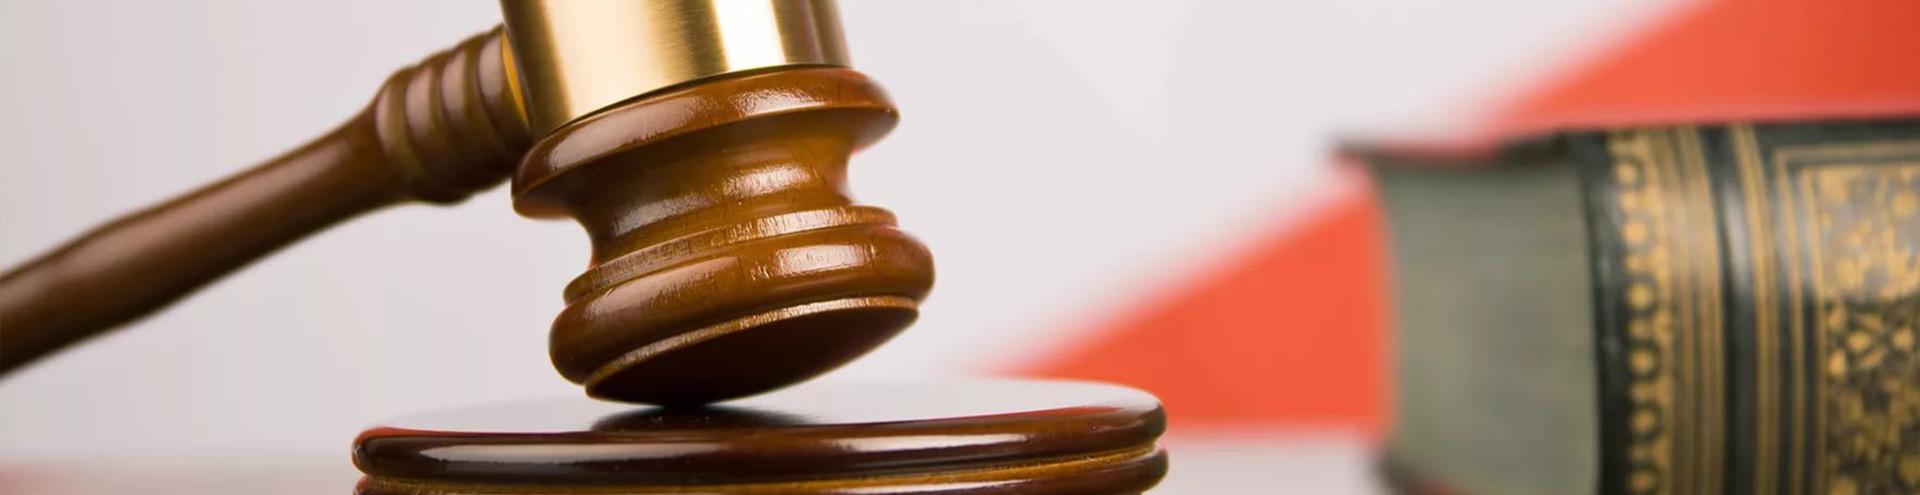 выдача судебного приказа в Рязани и Рязанской области